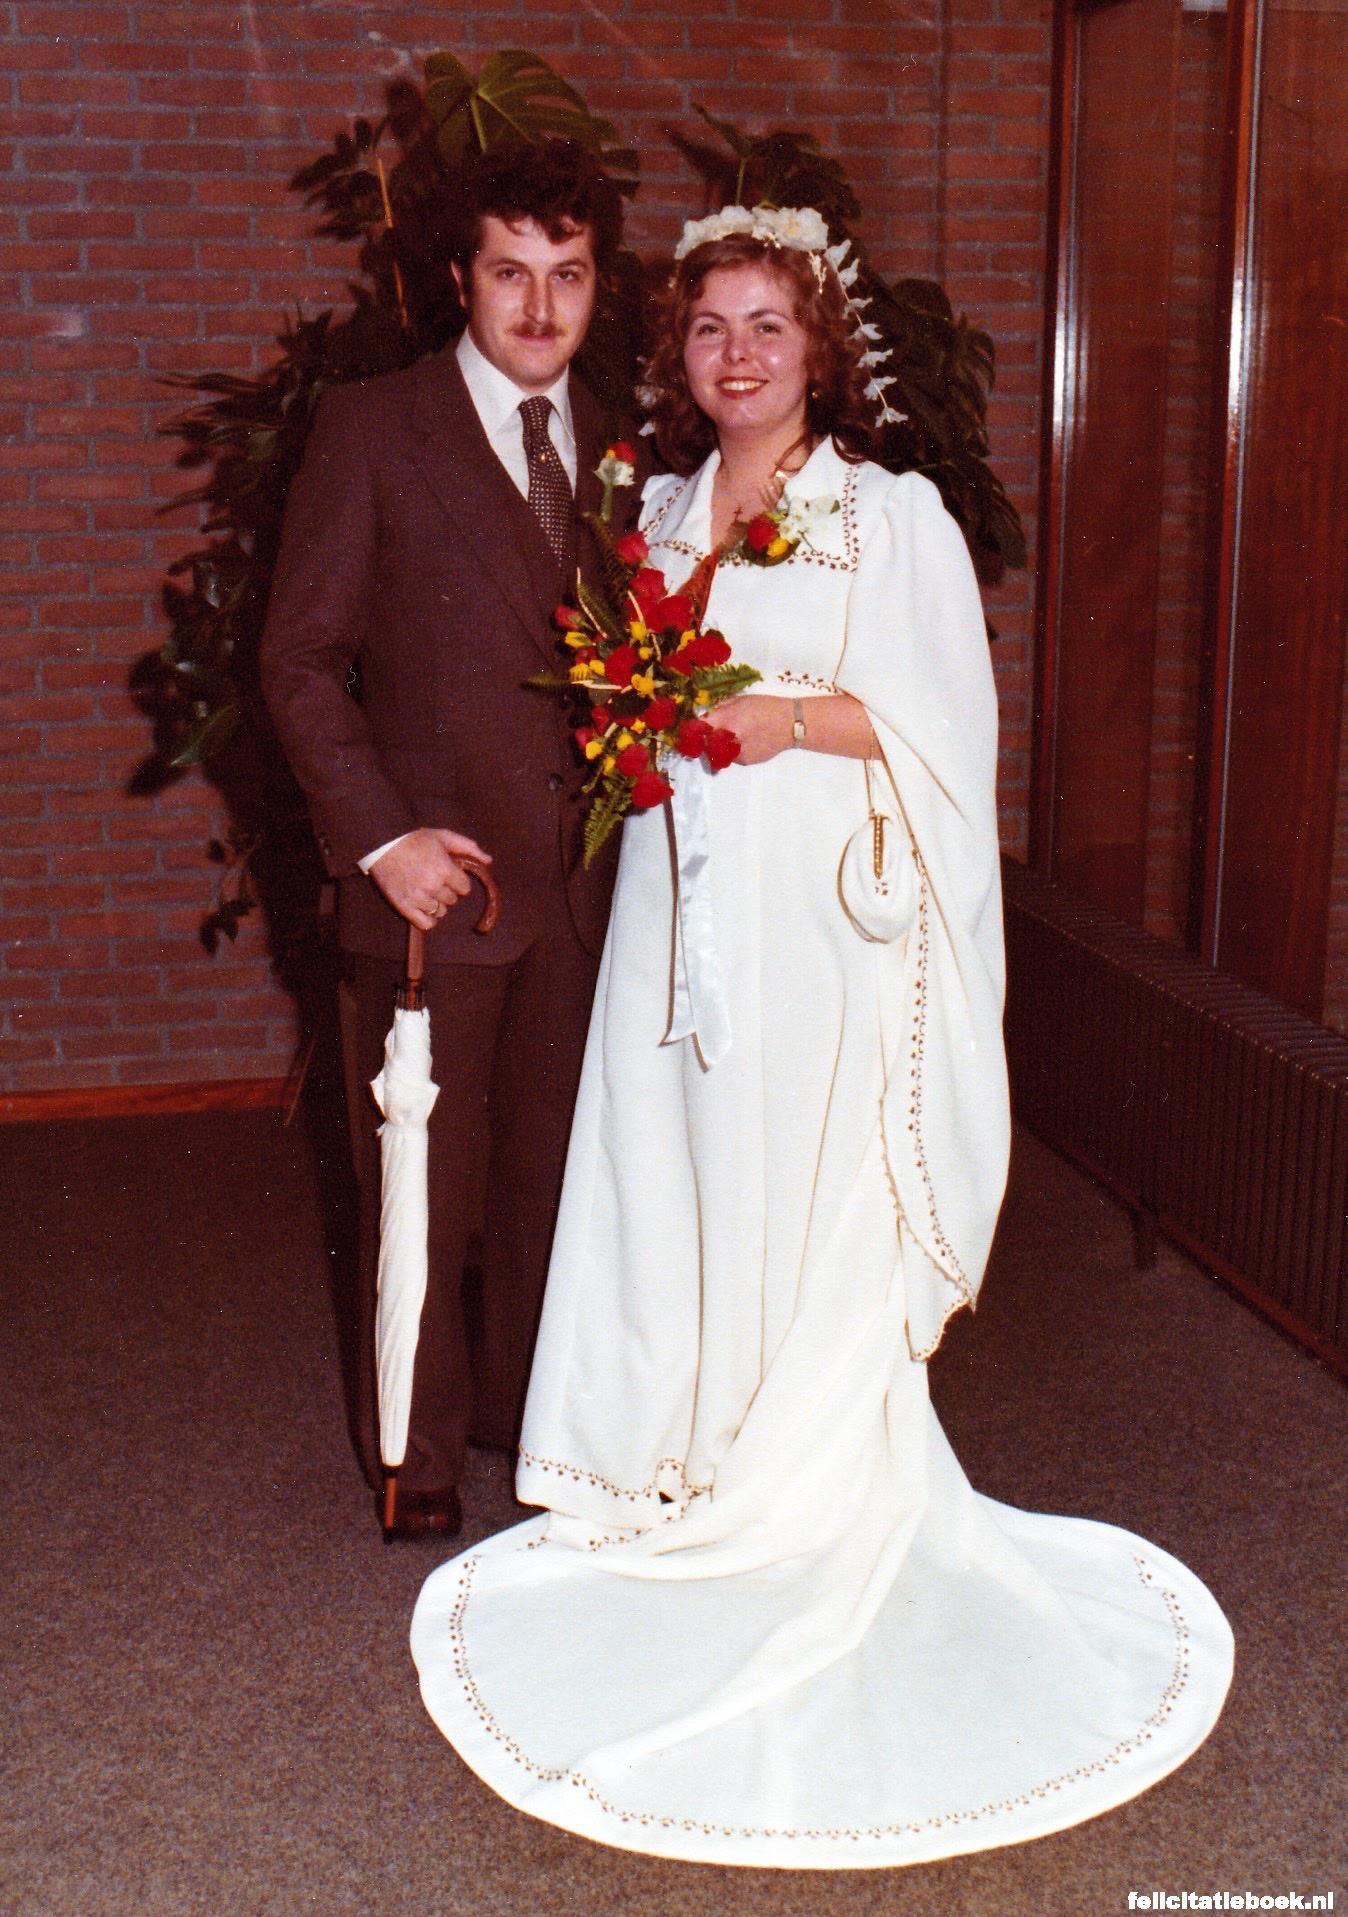 bruidspaar 40 jaar 40 jaar getrouwd is een robijnen bruiloft huwelijksfeest maak een  bruidspaar 40 jaar